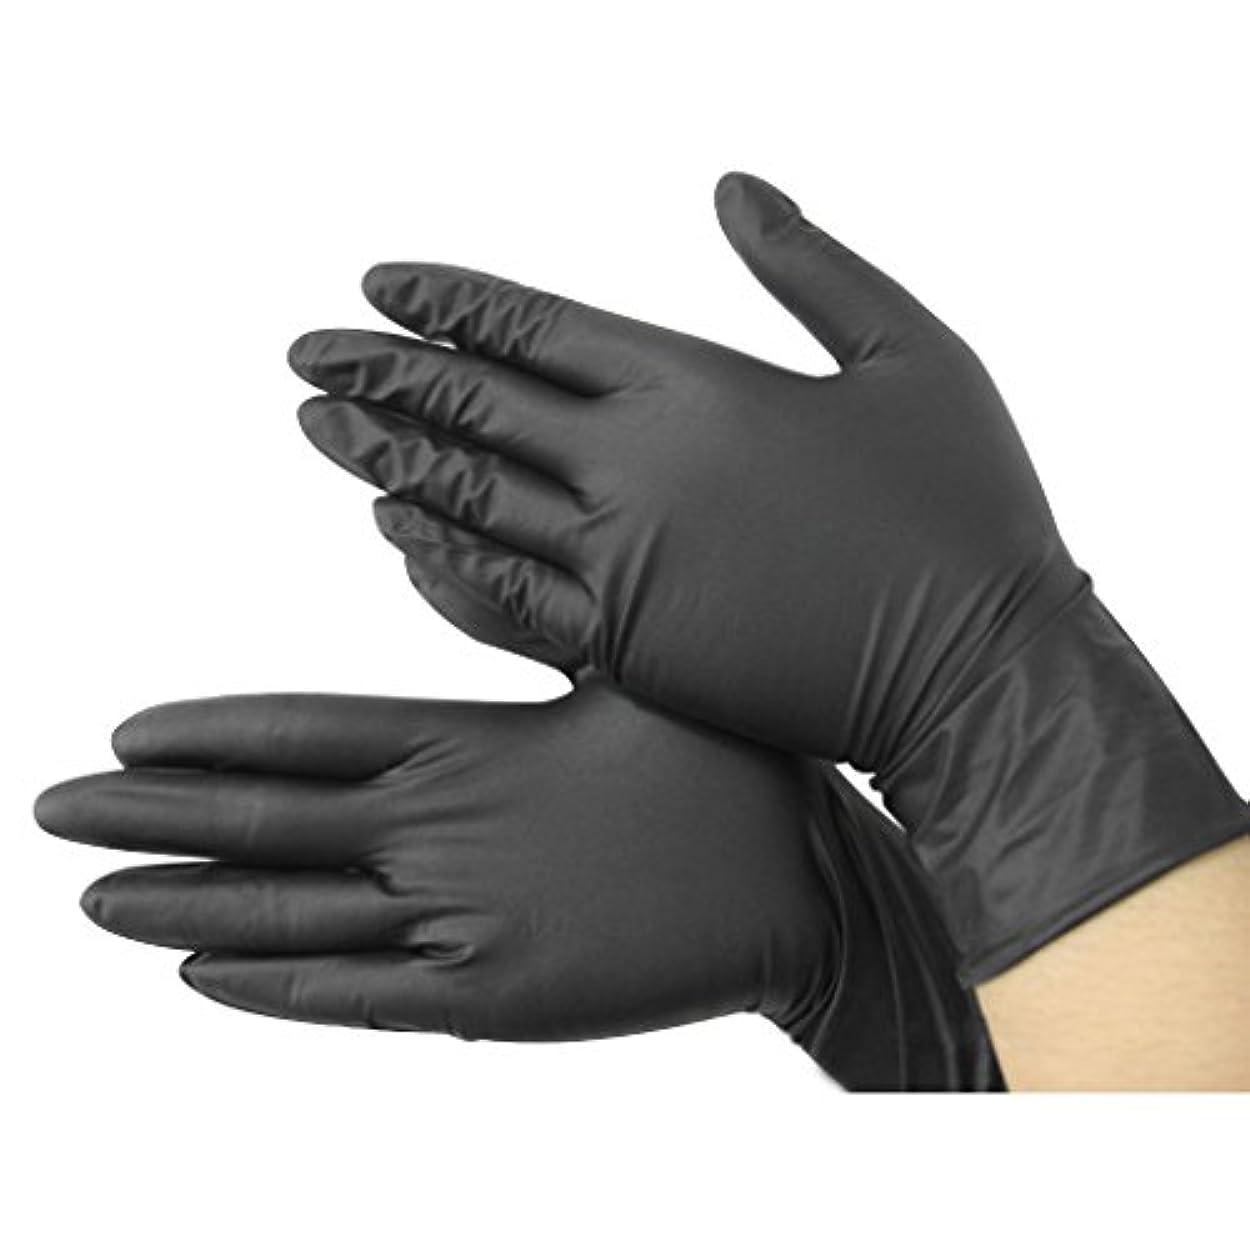 絶望降臨こどもの宮殿CUHAWUDBA 黒いニトリル使い捨てクール手袋 パワーフリーX100 - 入れ墨 - メカニック 新しい